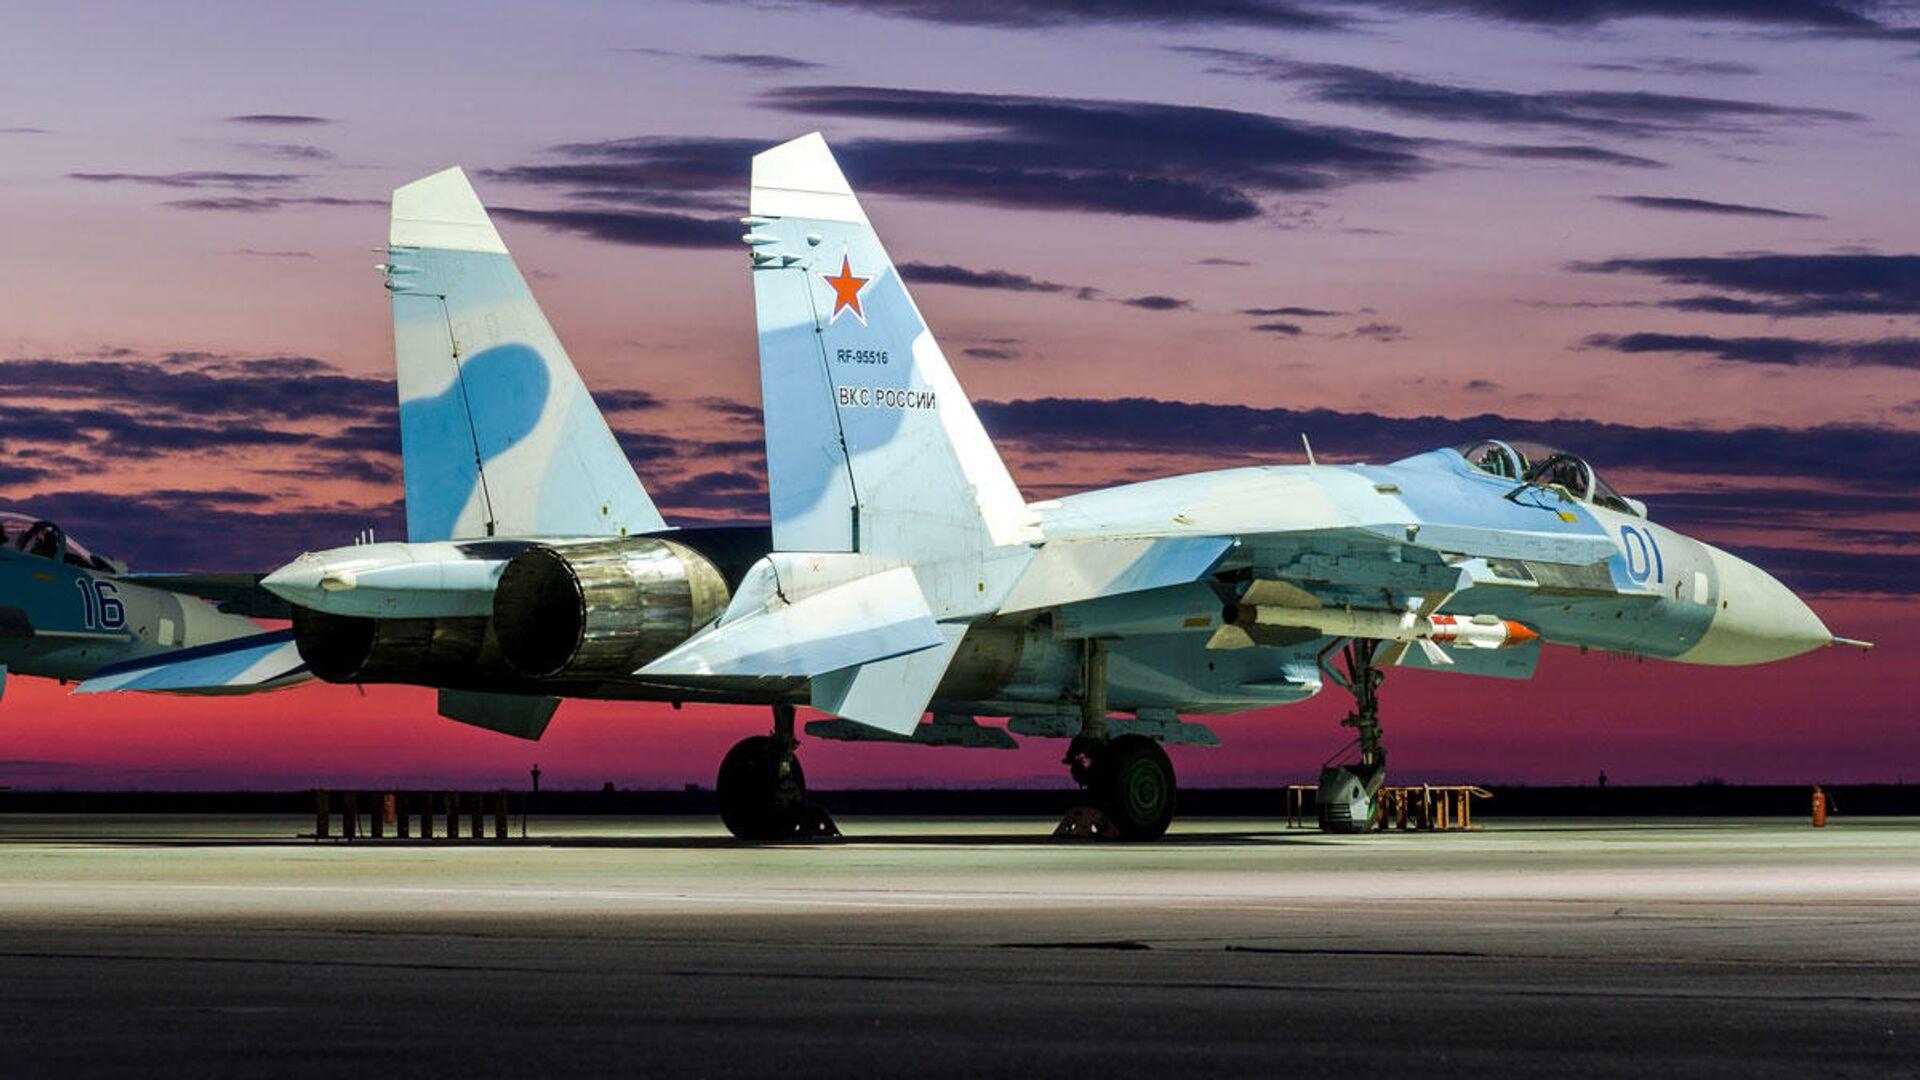 Истребитель Су-27 на закате в дни летно-тактического учения в Астраханской области - РИА Новости, 1920, 22.07.2021